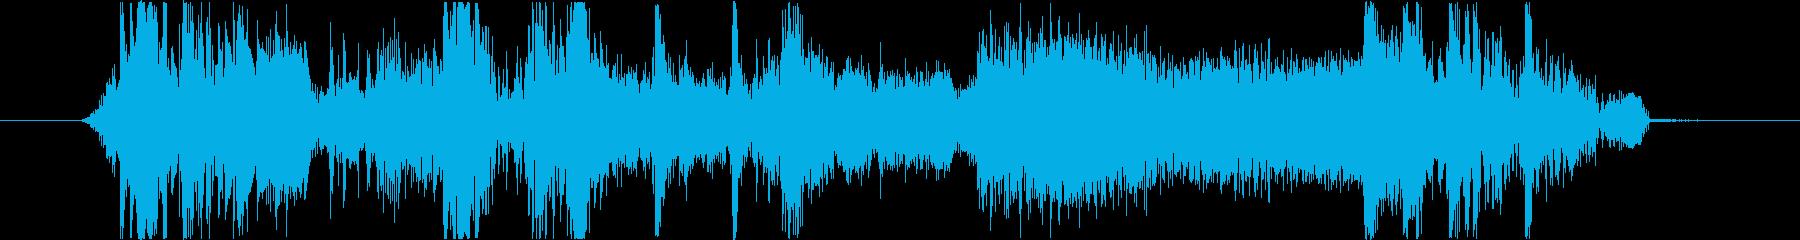 フィクション 力学 機械変換03の再生済みの波形